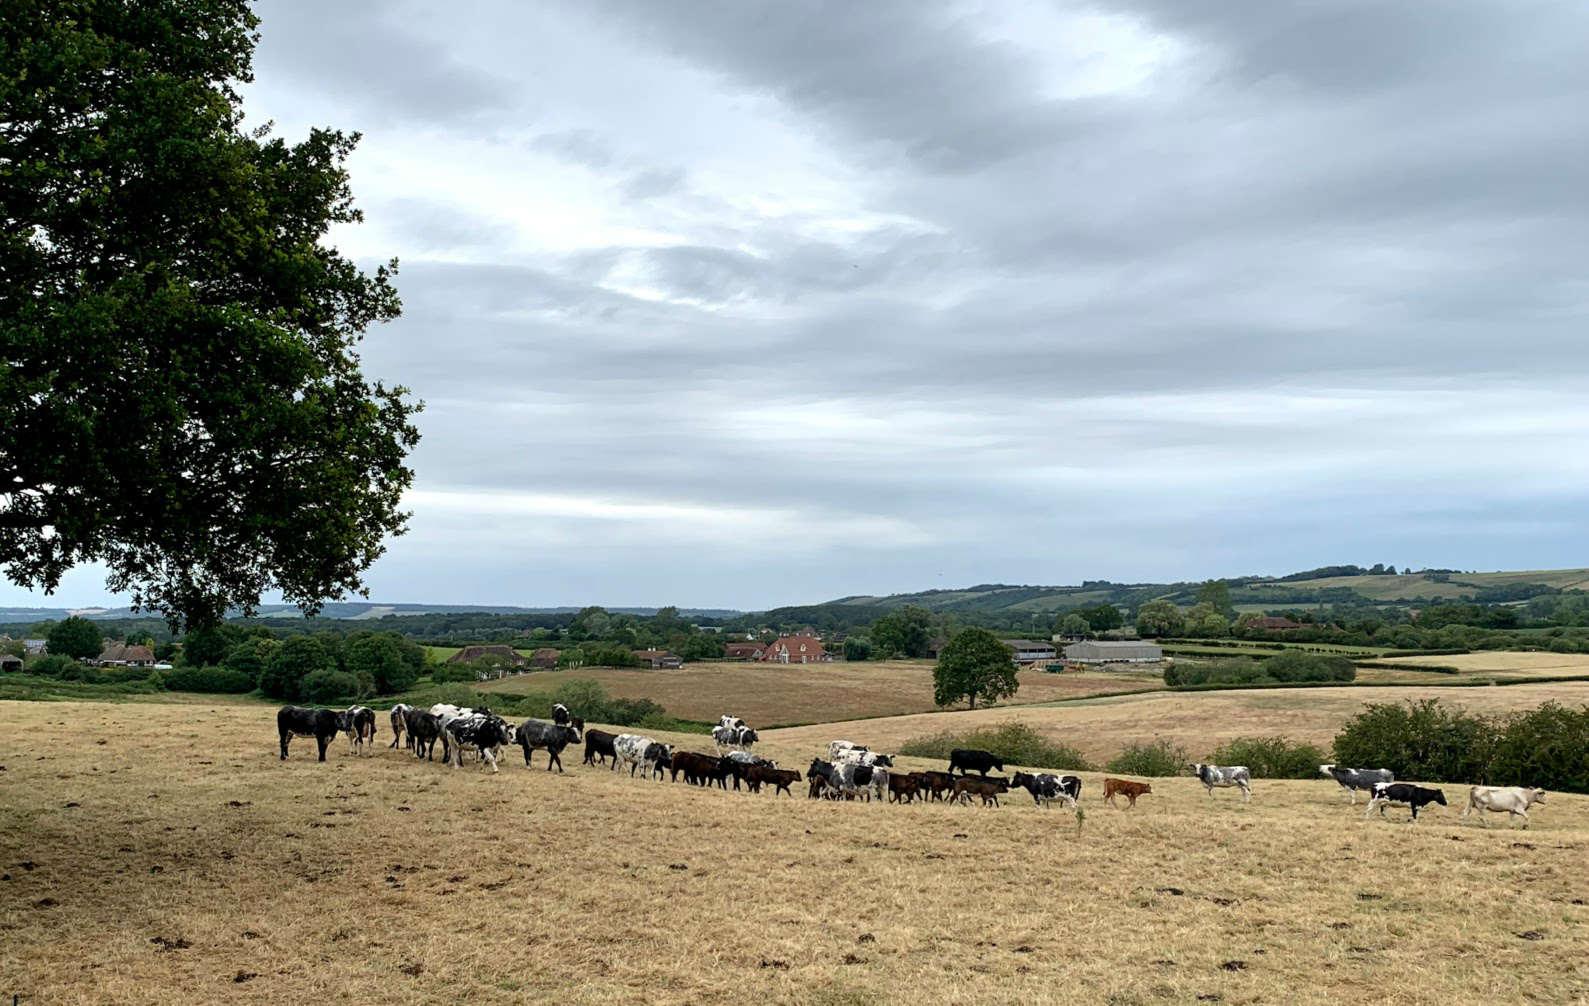 Smeeth cows